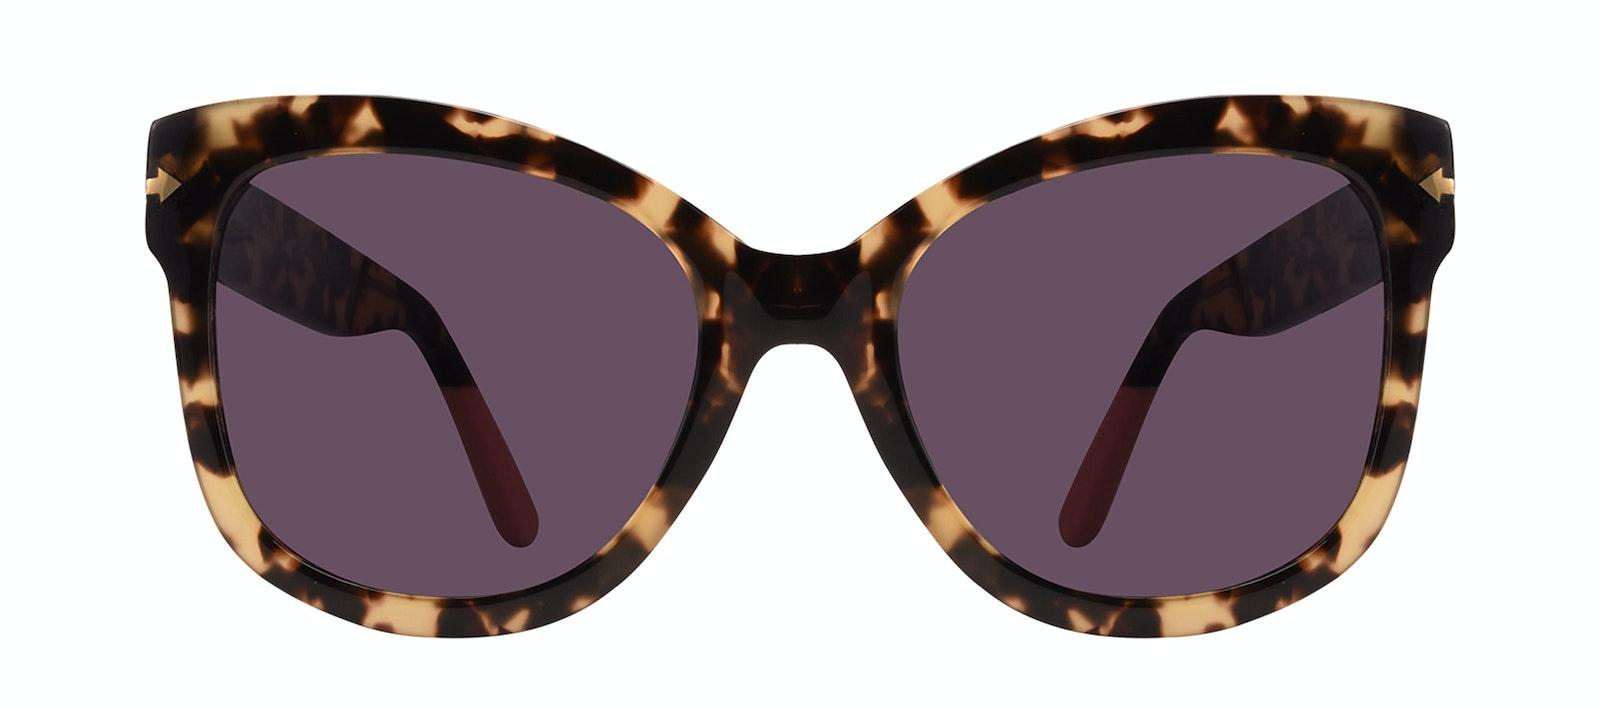 Lunettes tendance Carrée Lunettes de soleil Femmes Marlo Espresso Face